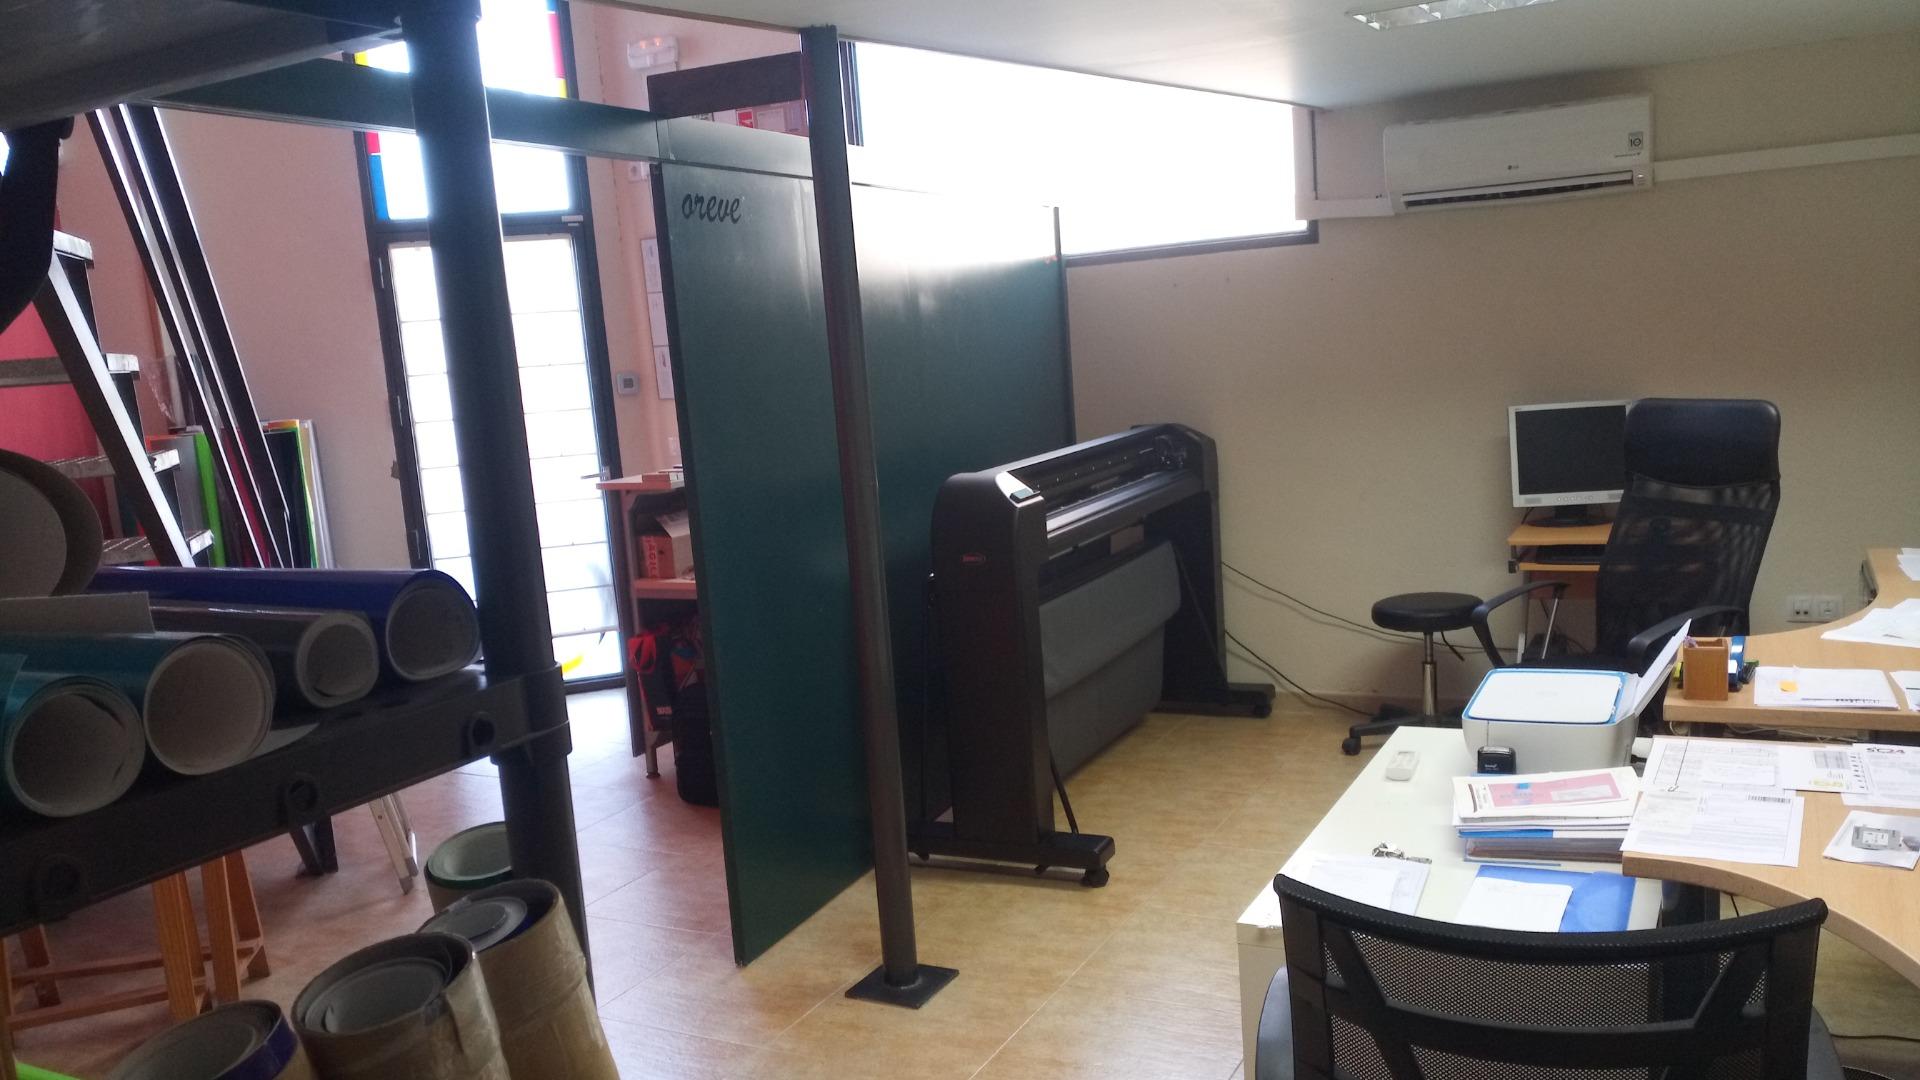 Rent Business premise  Garrigues - les borges blanques. Local en lloguer a les borges blanques de 55 m2 de superficie co